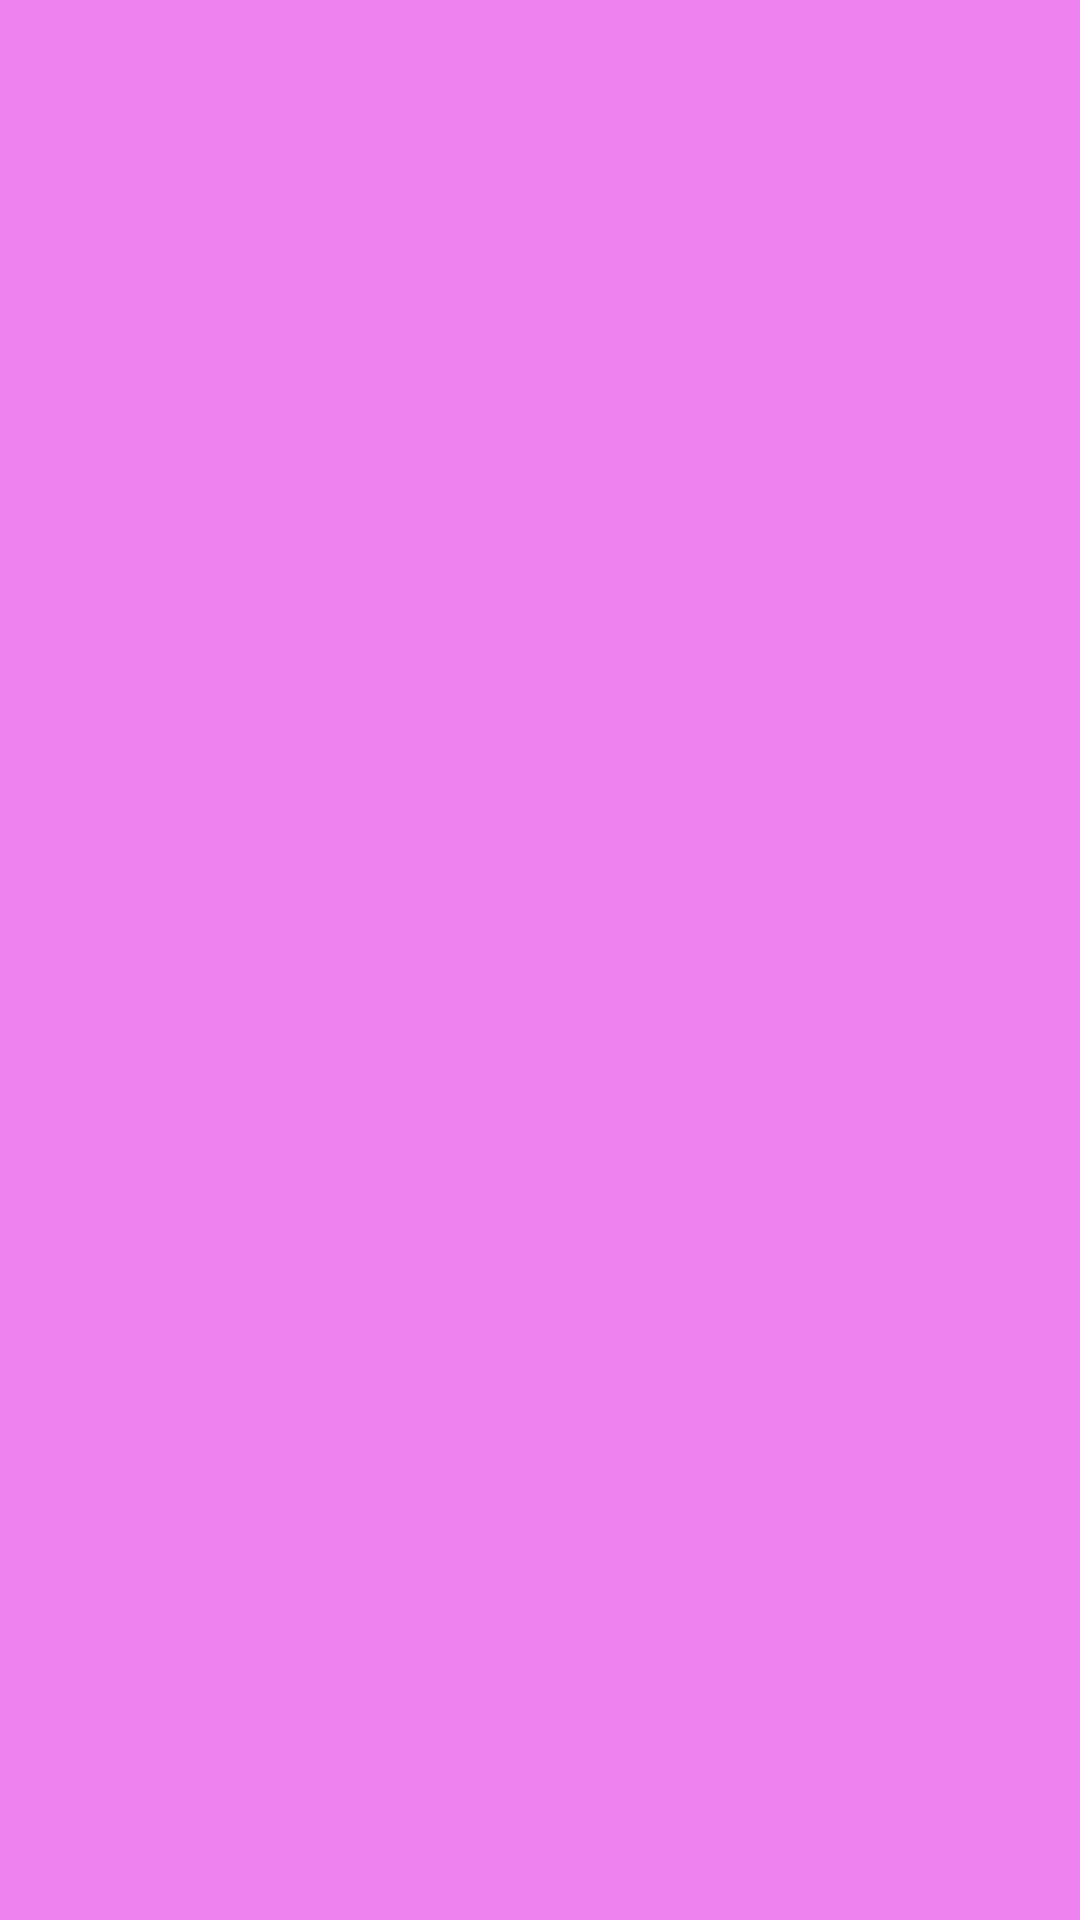 1080x1920 Violet Web Solid Color Background